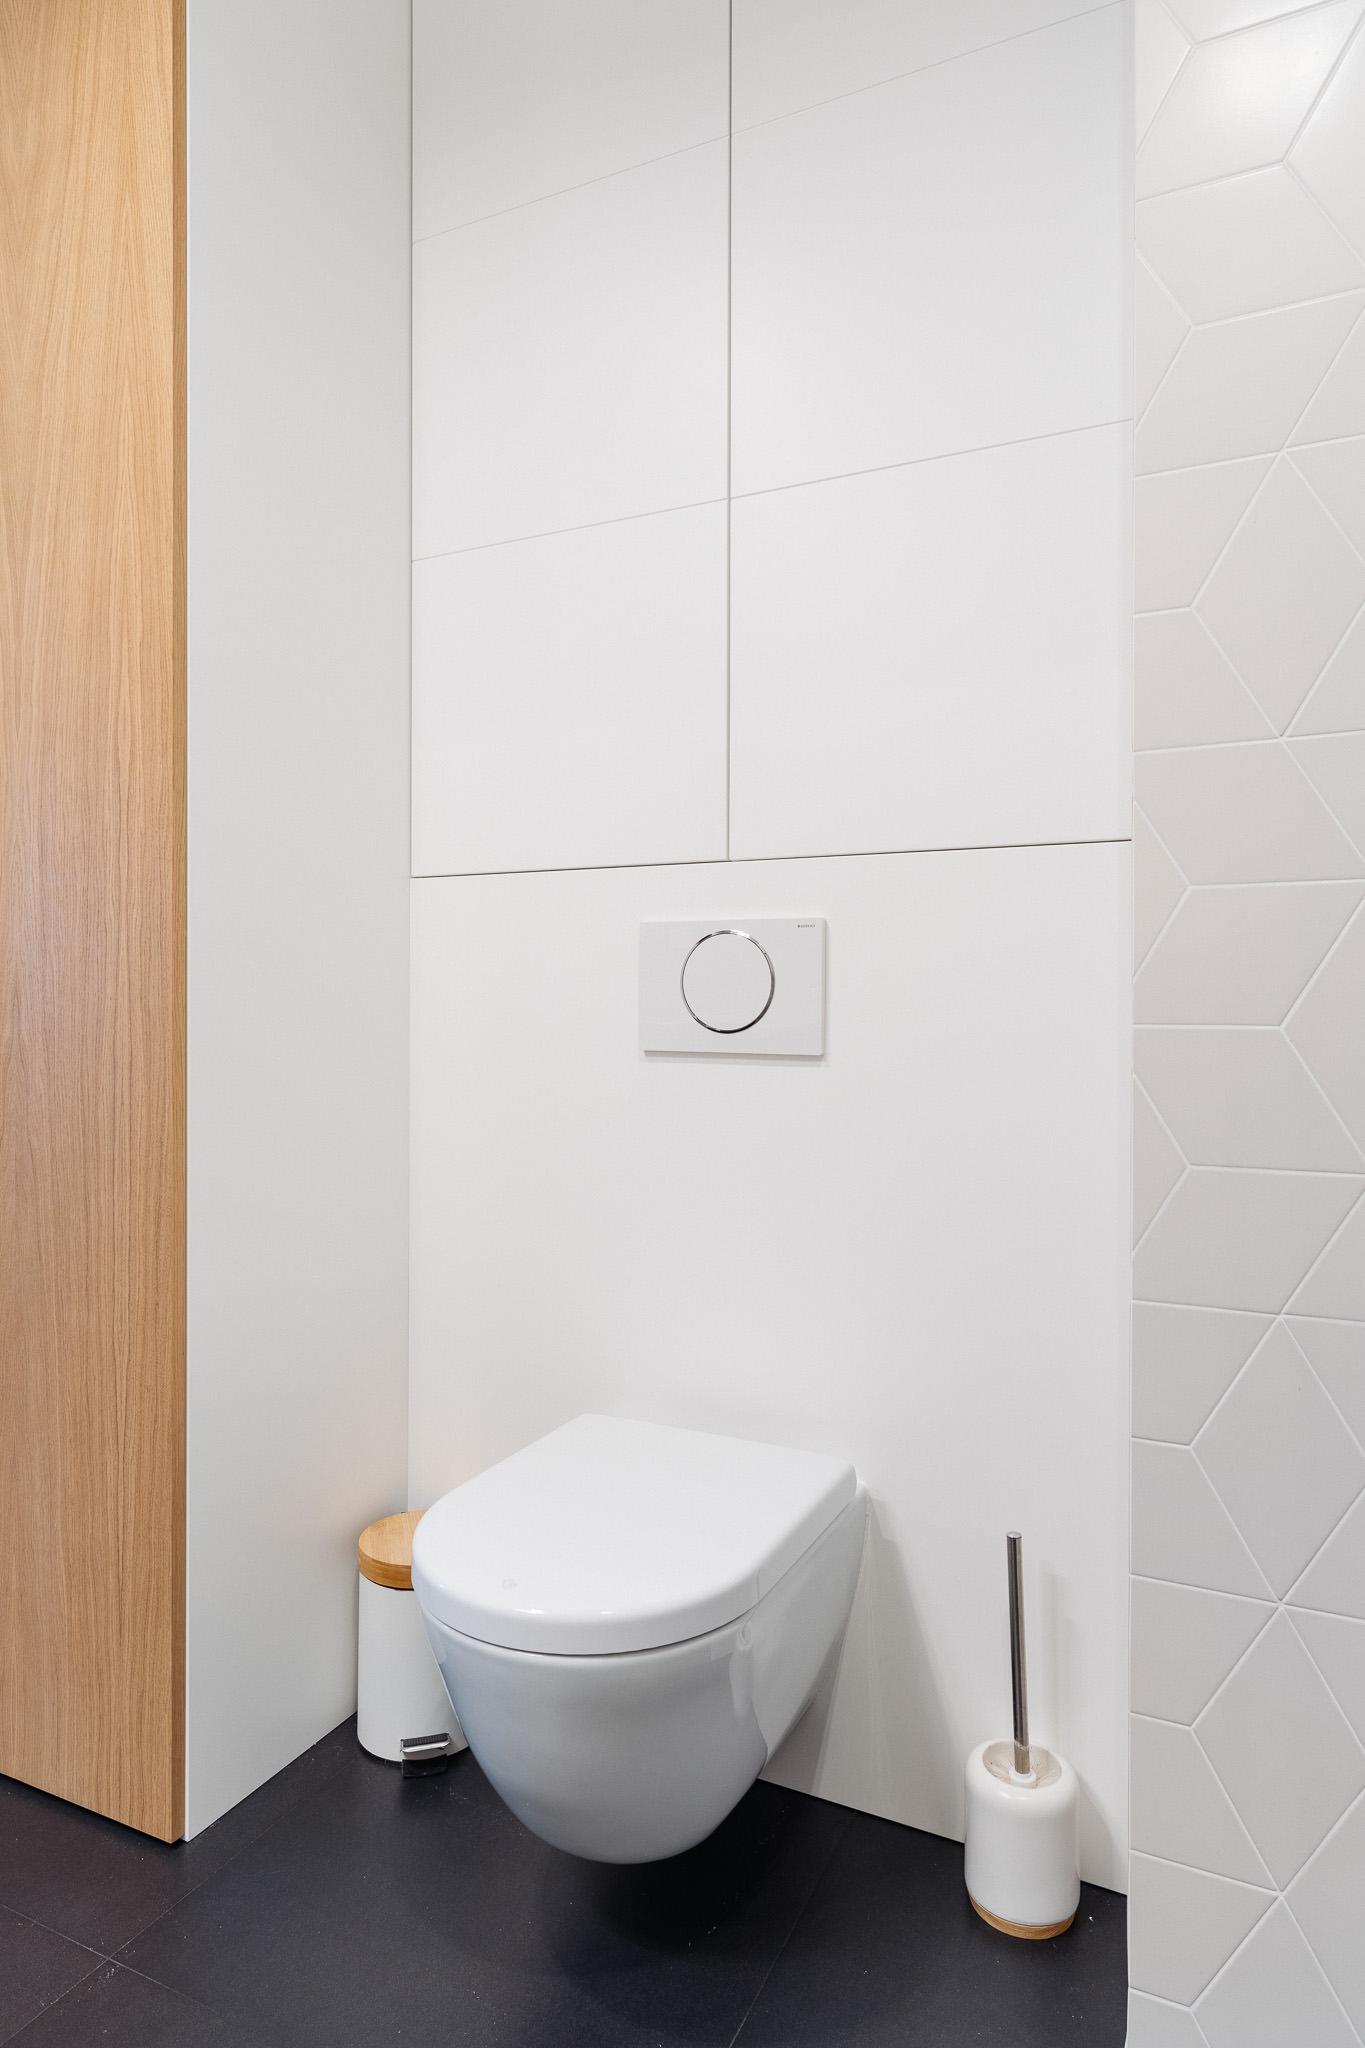 15 projketowanie wnetrz R105 mieszkanie Krakow lazienka zabudwa stelaza polki nad miska wc zabudowa pralki grafitowe plytki na podlodze